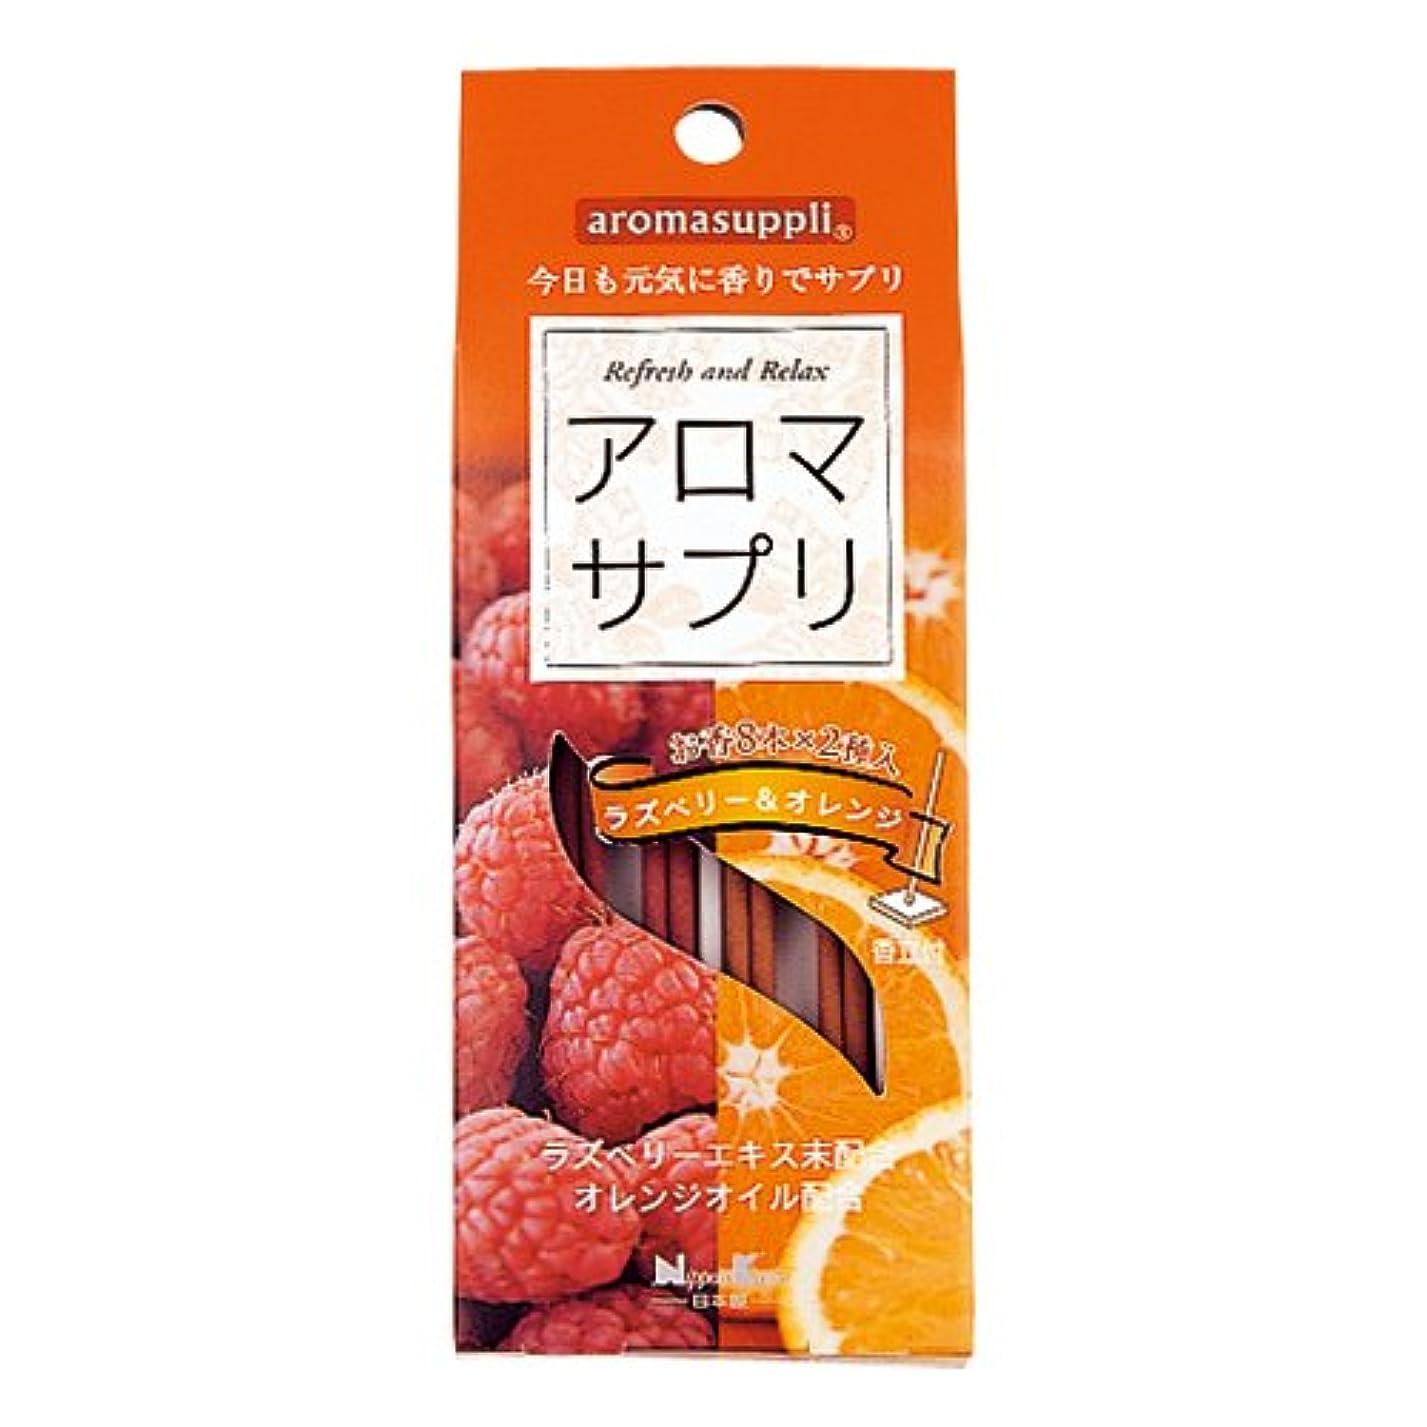 高速道路バット虫を数える【X10個セット】 アロマサプリ ラズベリー&オレンジ 8本入×2種